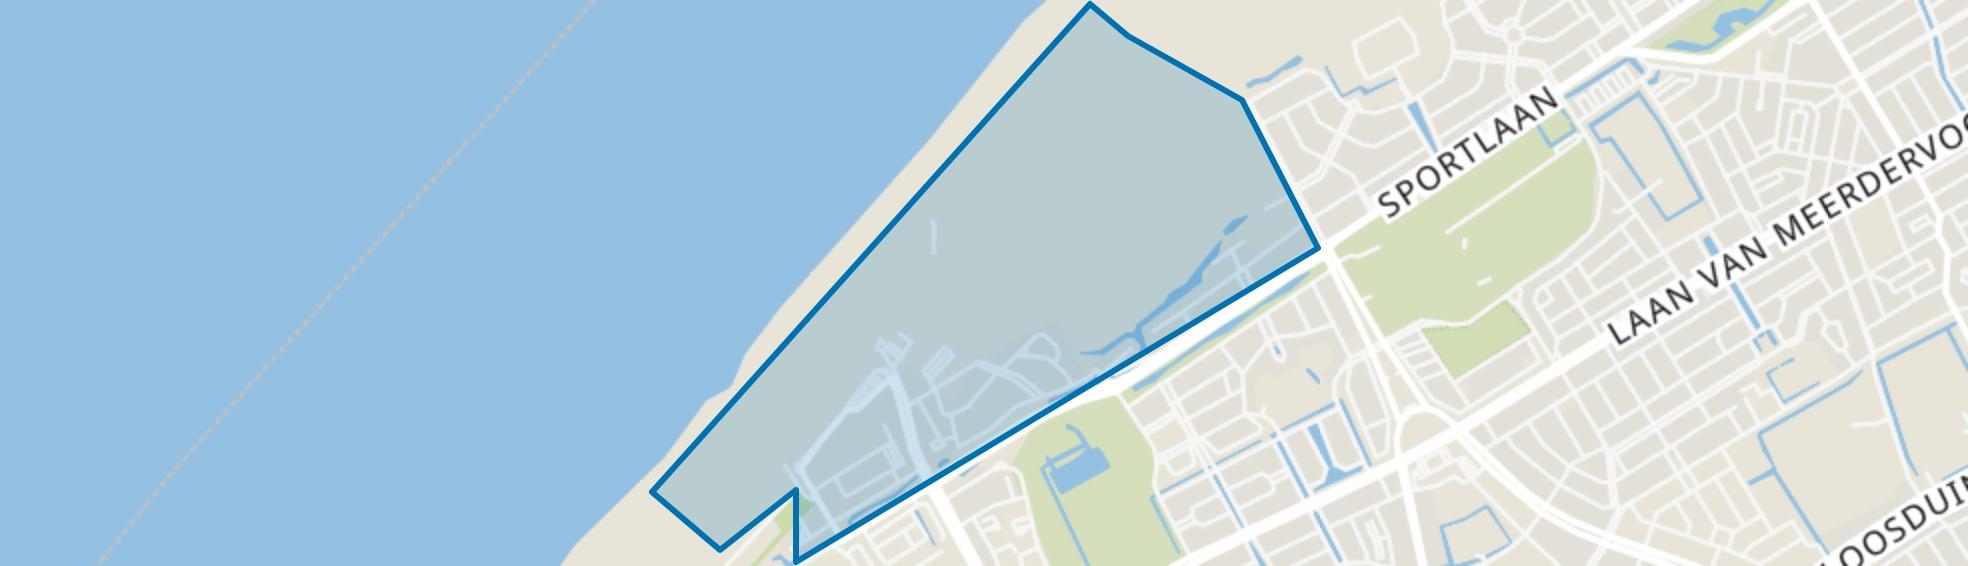 Kijkduin, Den Haag map